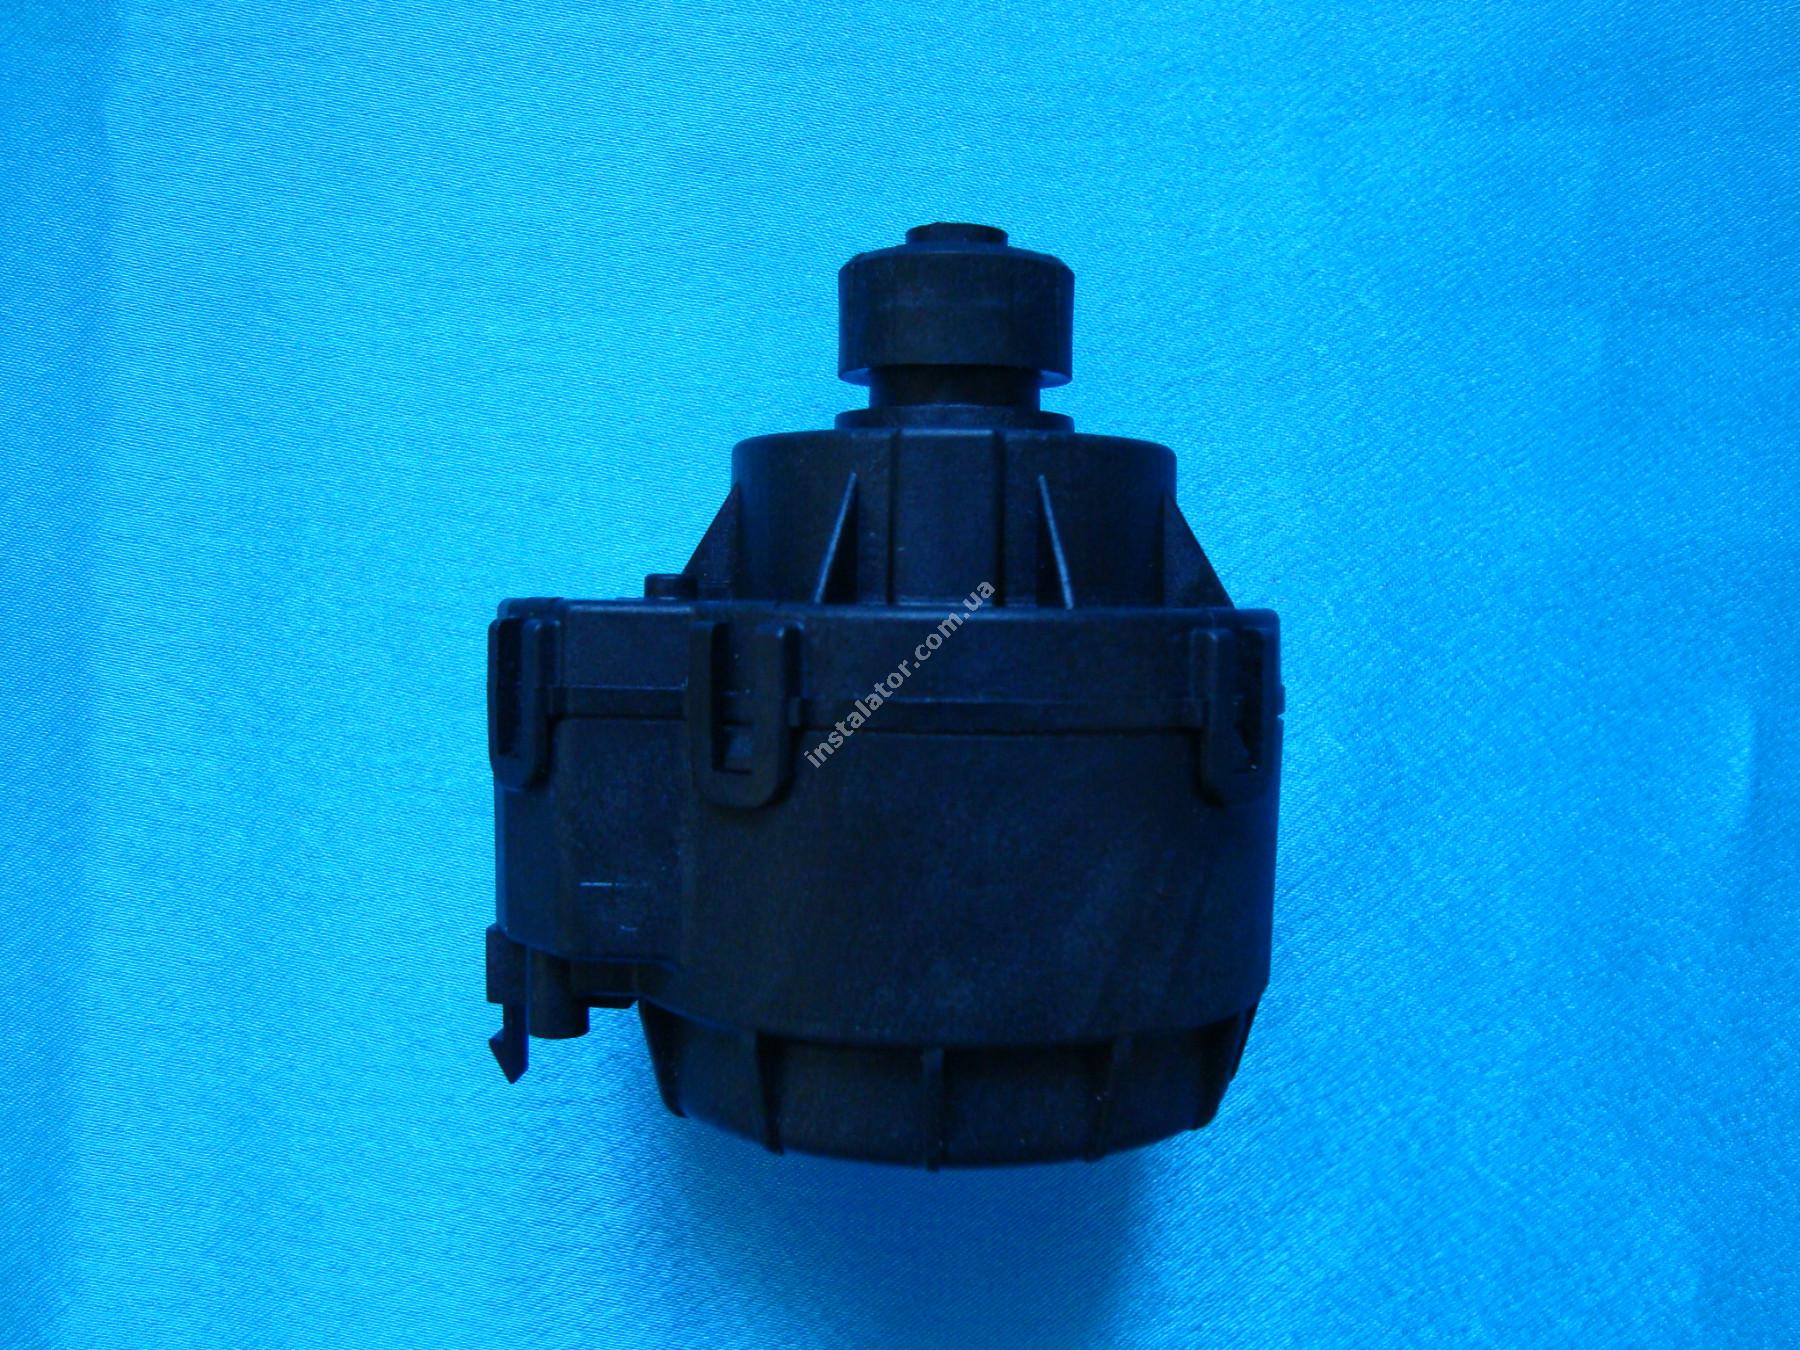 JJD710047300 Сервопривід 3-х ходового клапана Baxi  full-image-3